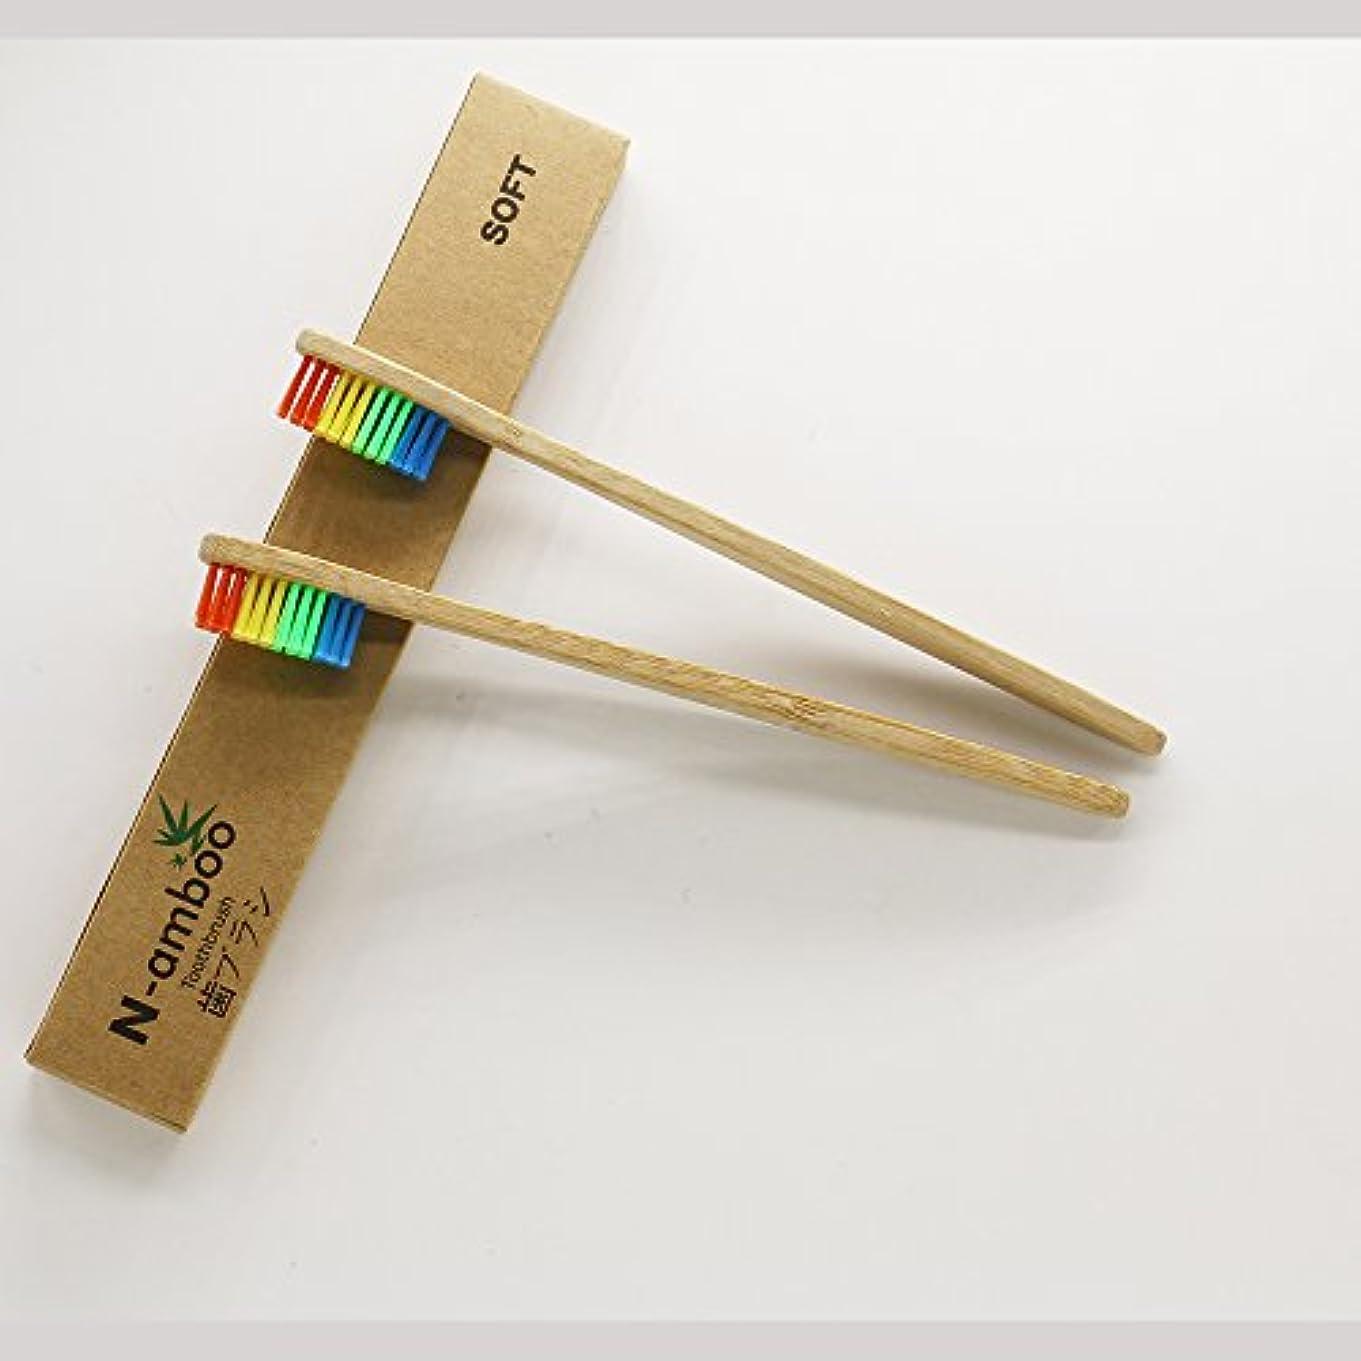 痴漢休日最も遠いN-amboo 竹製 耐久度高い 歯ブラシ 四色 虹(にじ) 2本入り セット